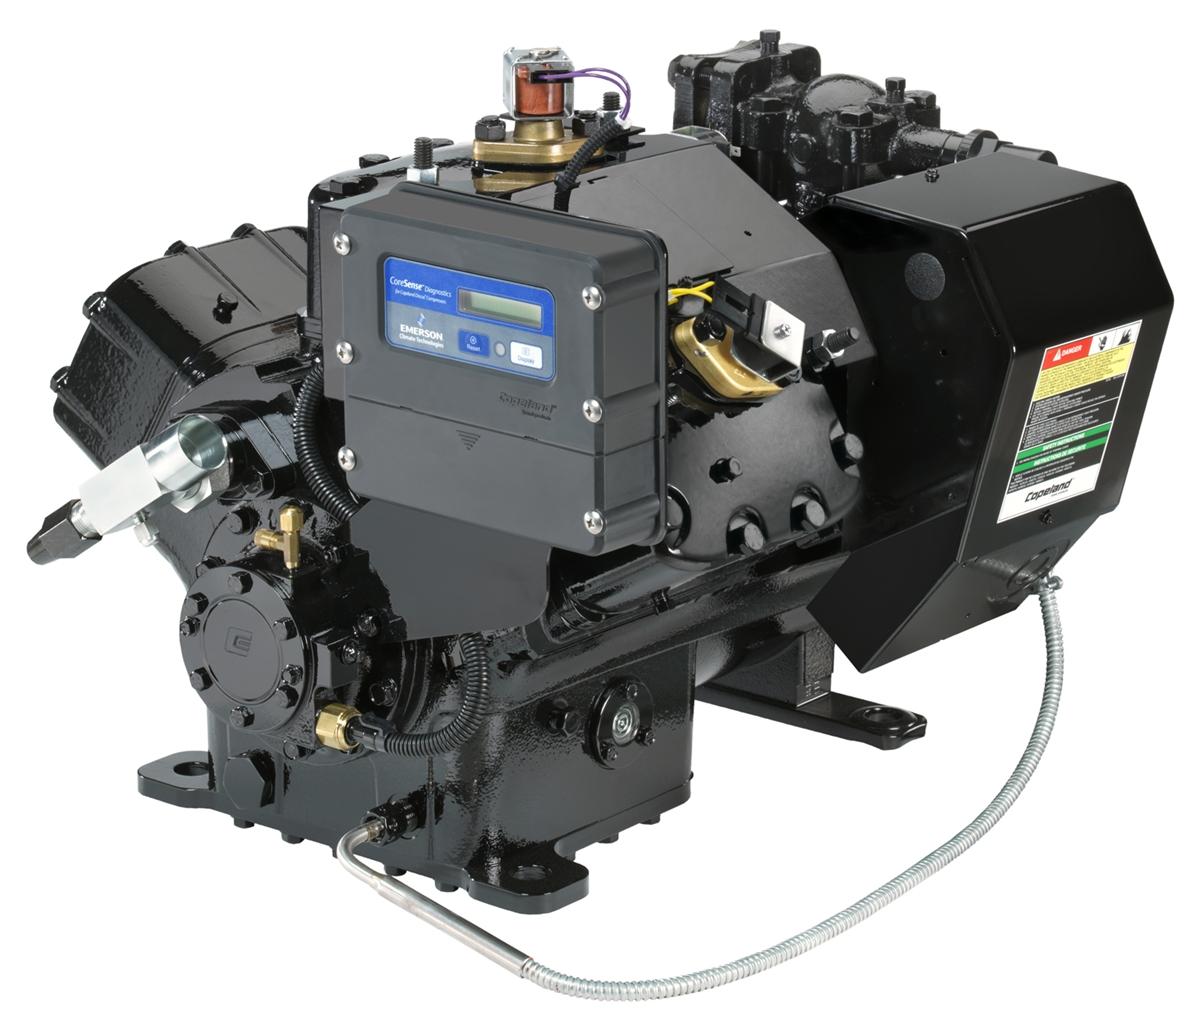 copeland emerson 4da 4df 4dh 4dj 4dl 4dt compressor